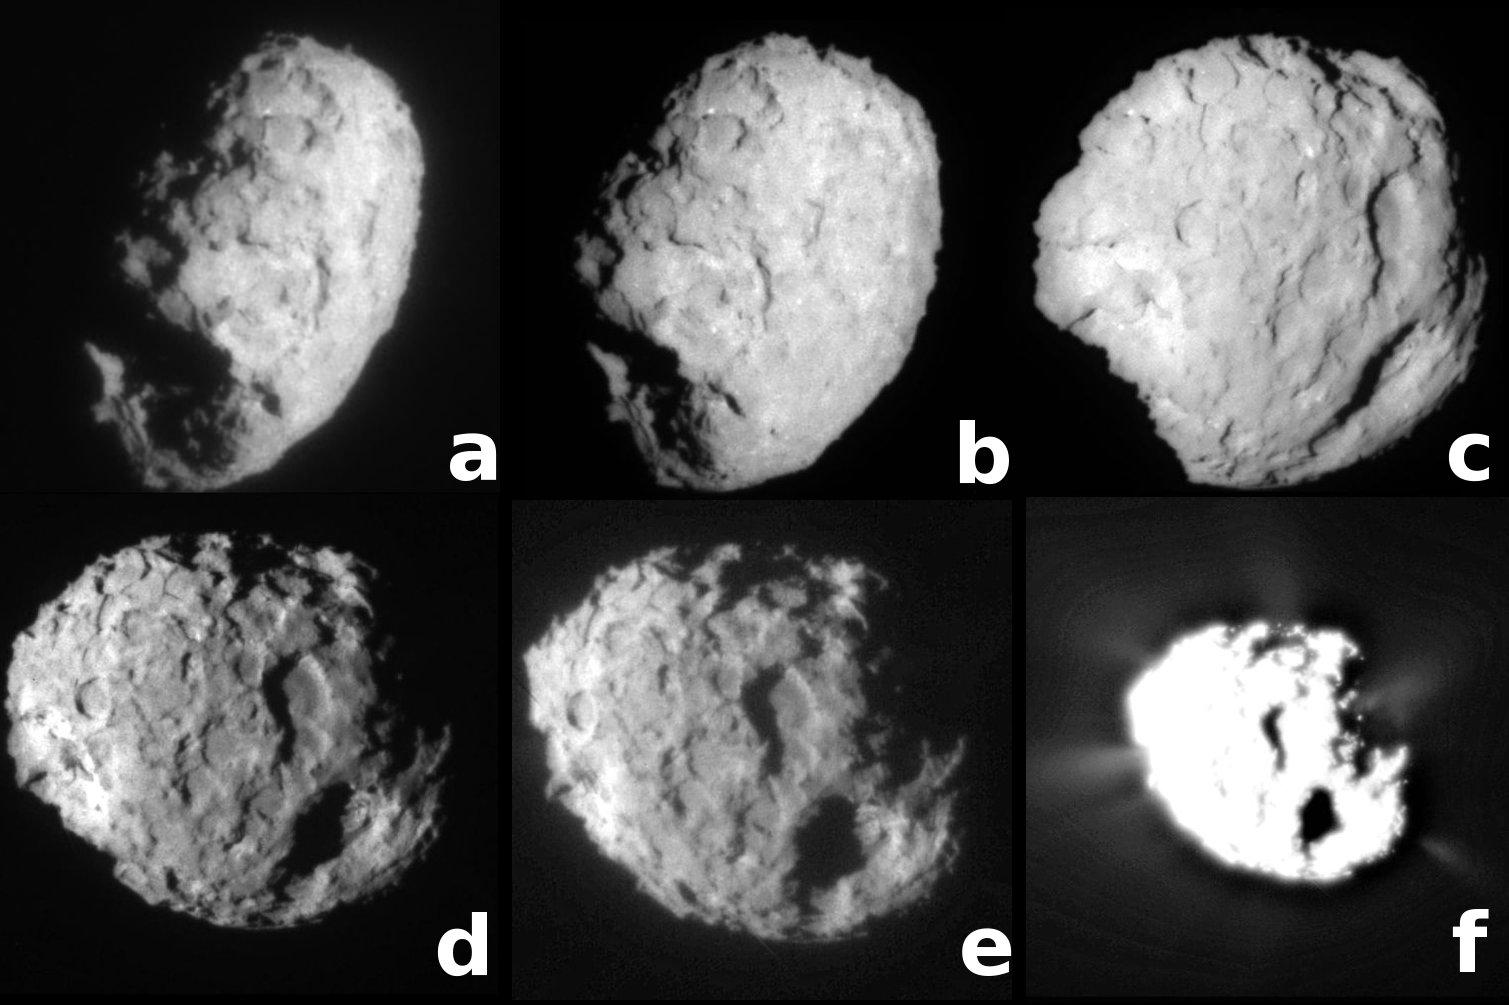 Photographies montrant les divers aspects de la comètes Wild 2 en cours de rotation